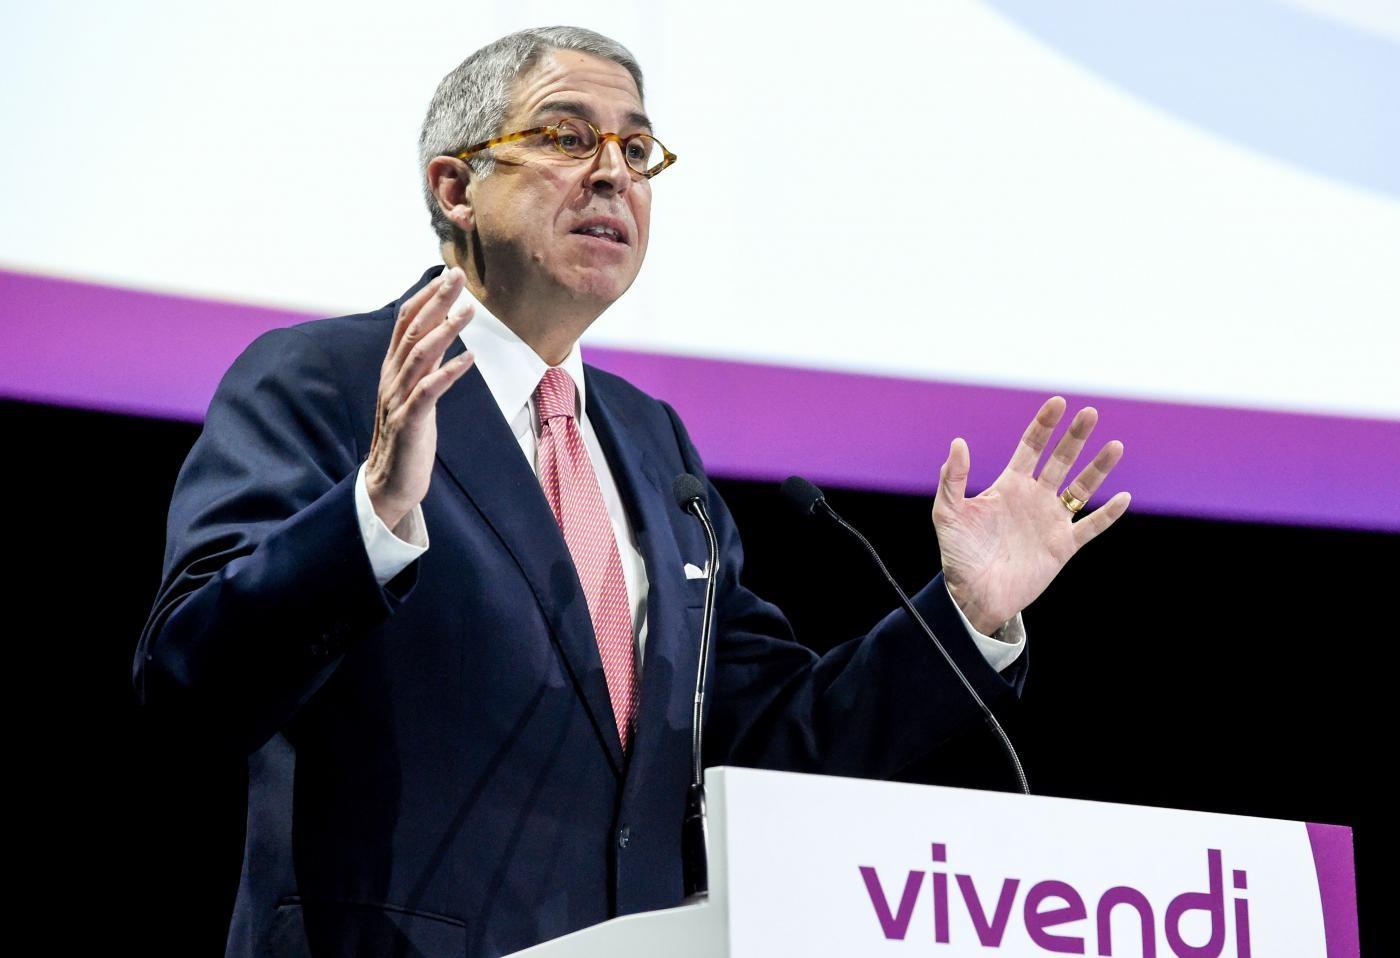 Tim, Vivendi prepara il controgolpe, de Puyfontaine cerca sponde nel governo